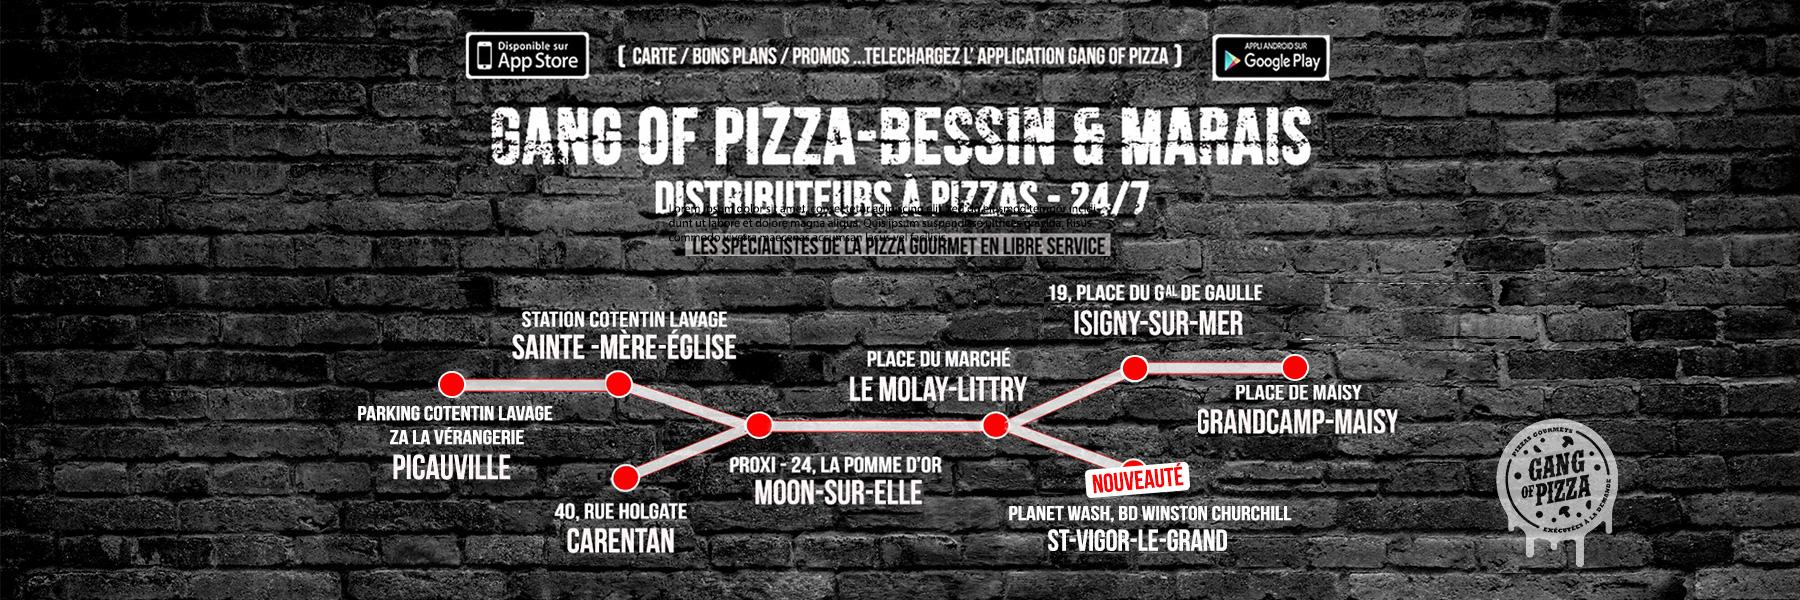 GANG OF PIZZA BESSIN ET MARAIS